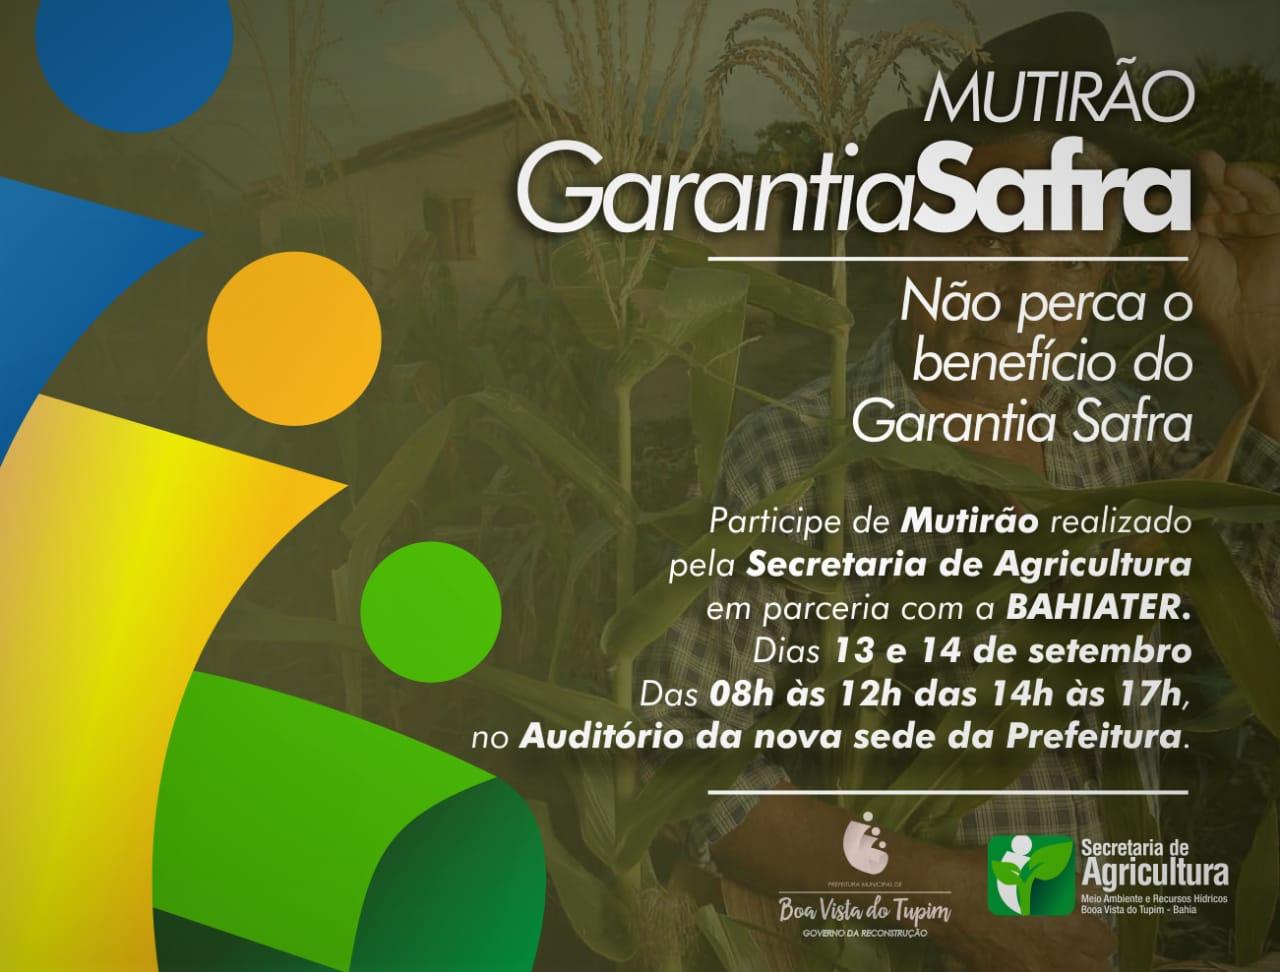 Secretaria de Agricultura em parceria com a BAHIATER realiza o Mutirão do Garantia Safra em Boa Vista do Tupim